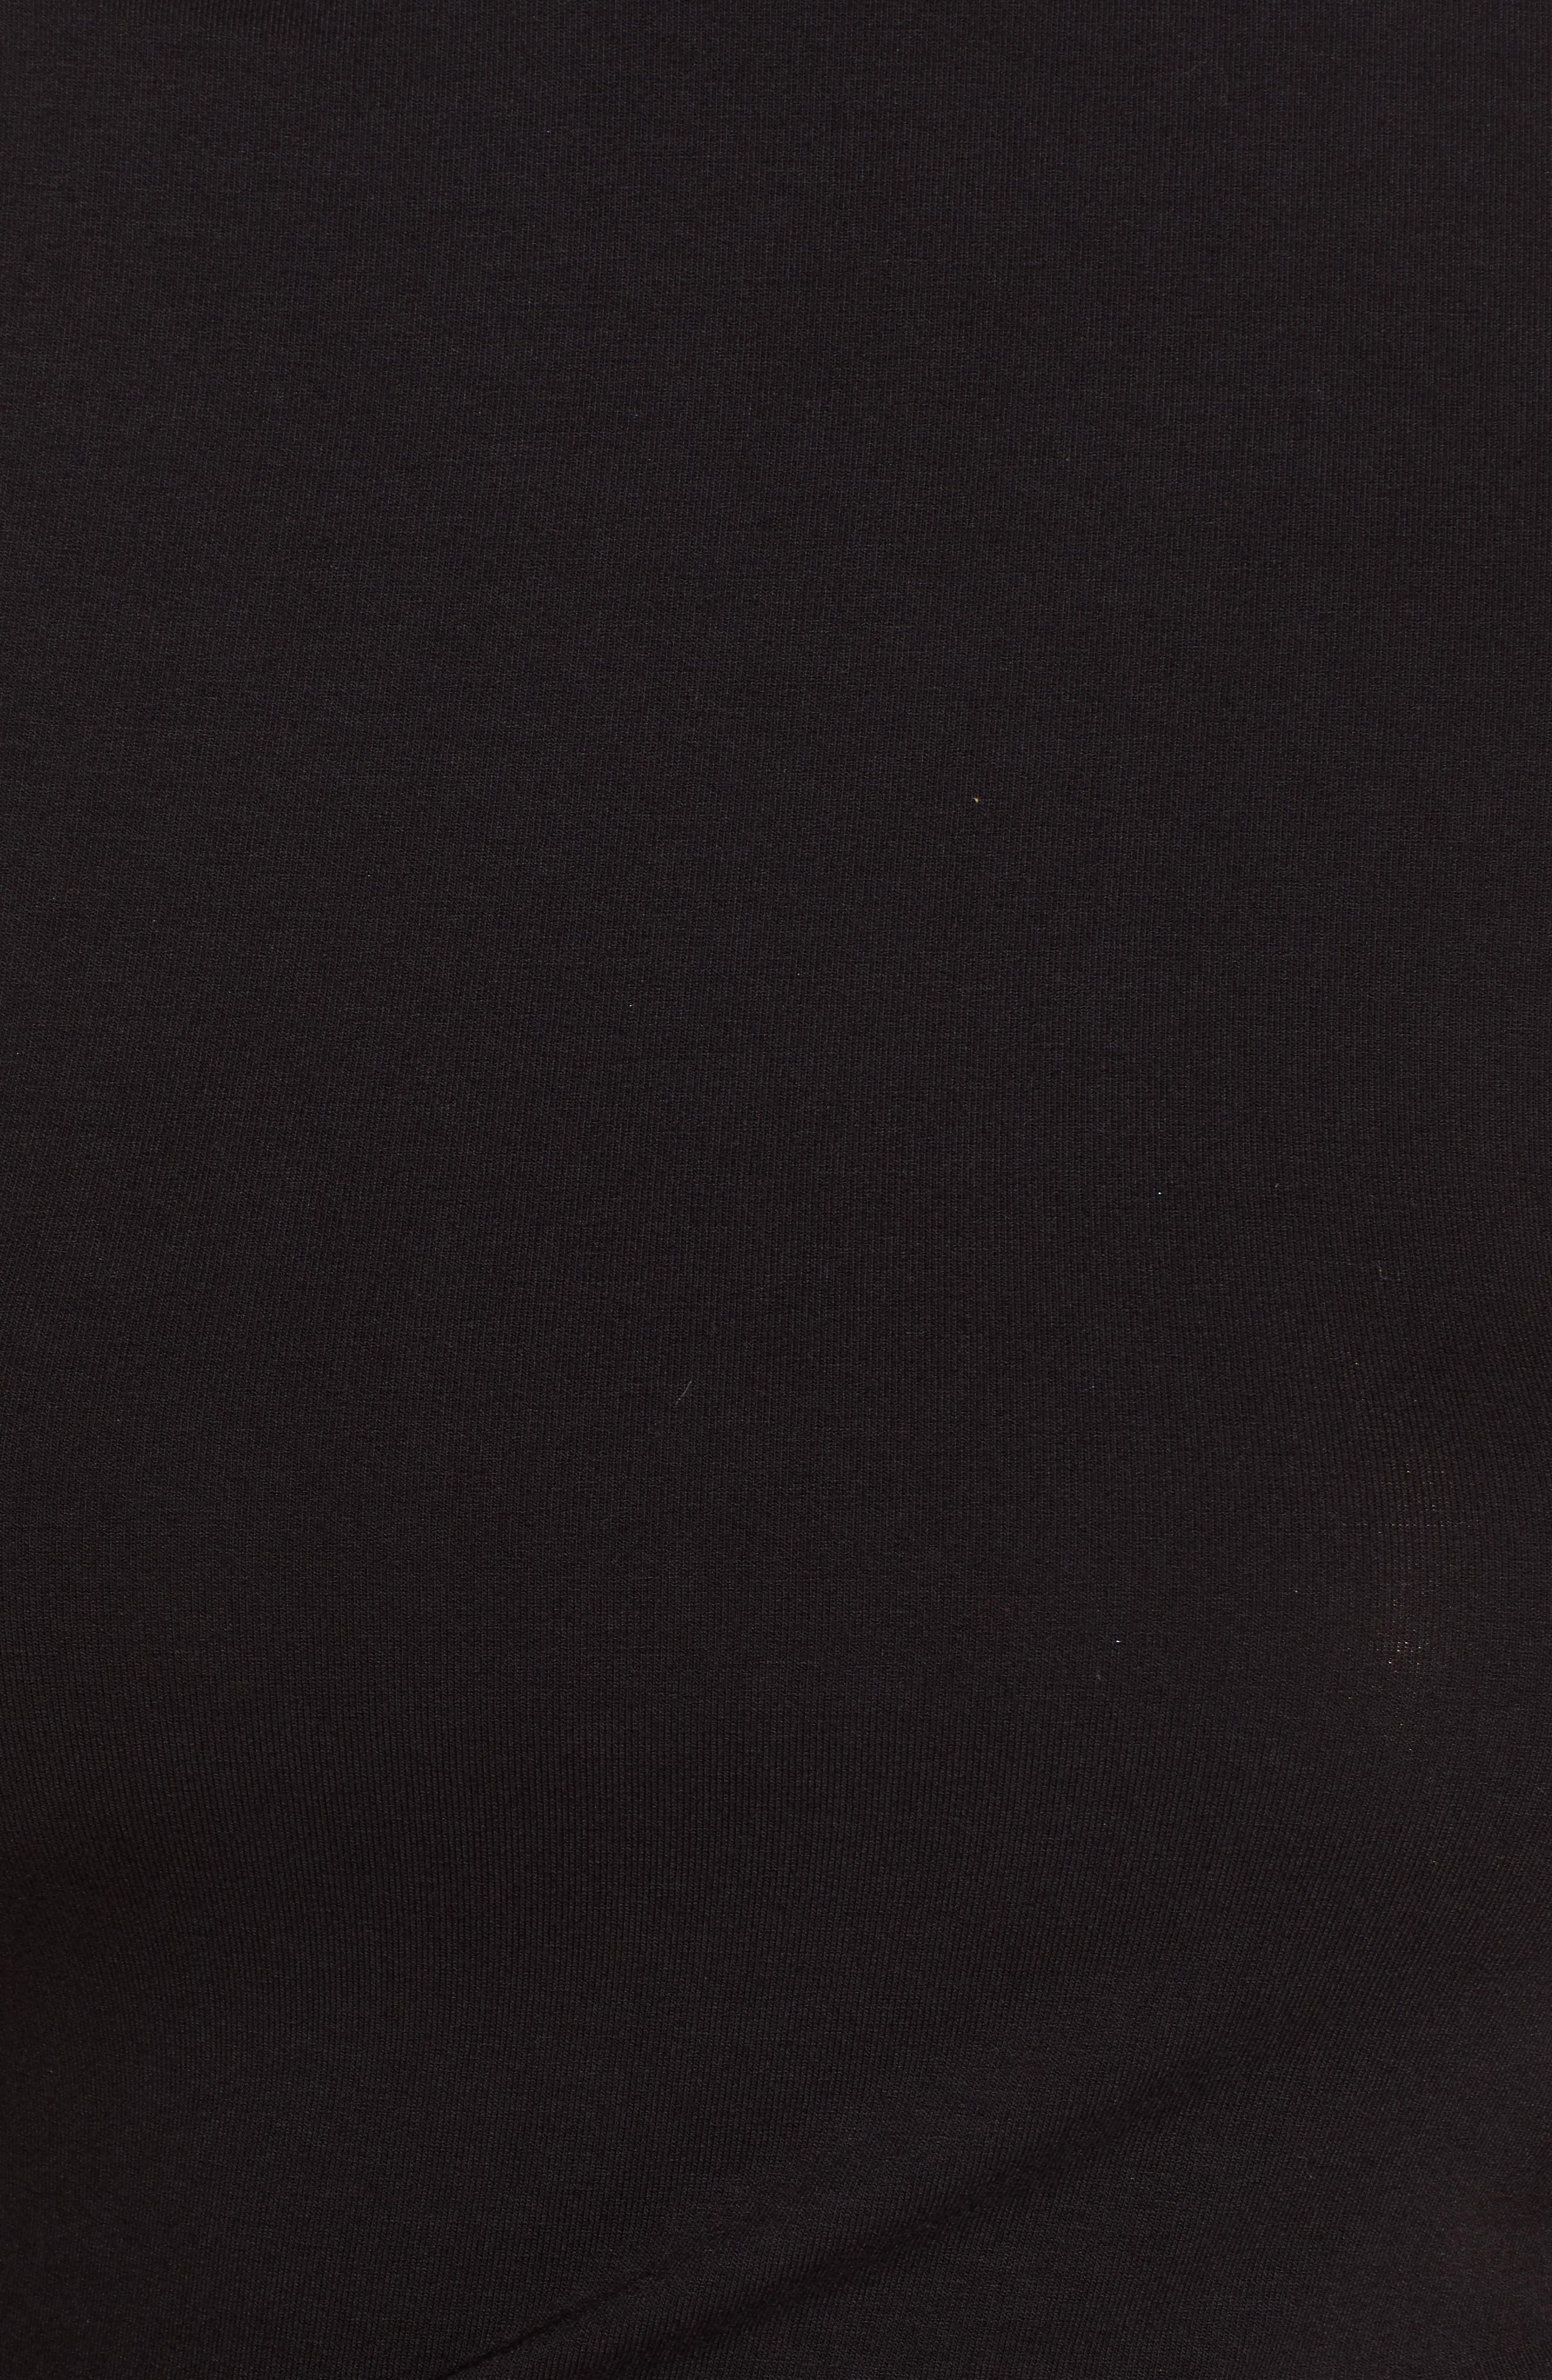 Mock Neck Tank Dress,                             Alternate thumbnail 6, color,                             BLACK